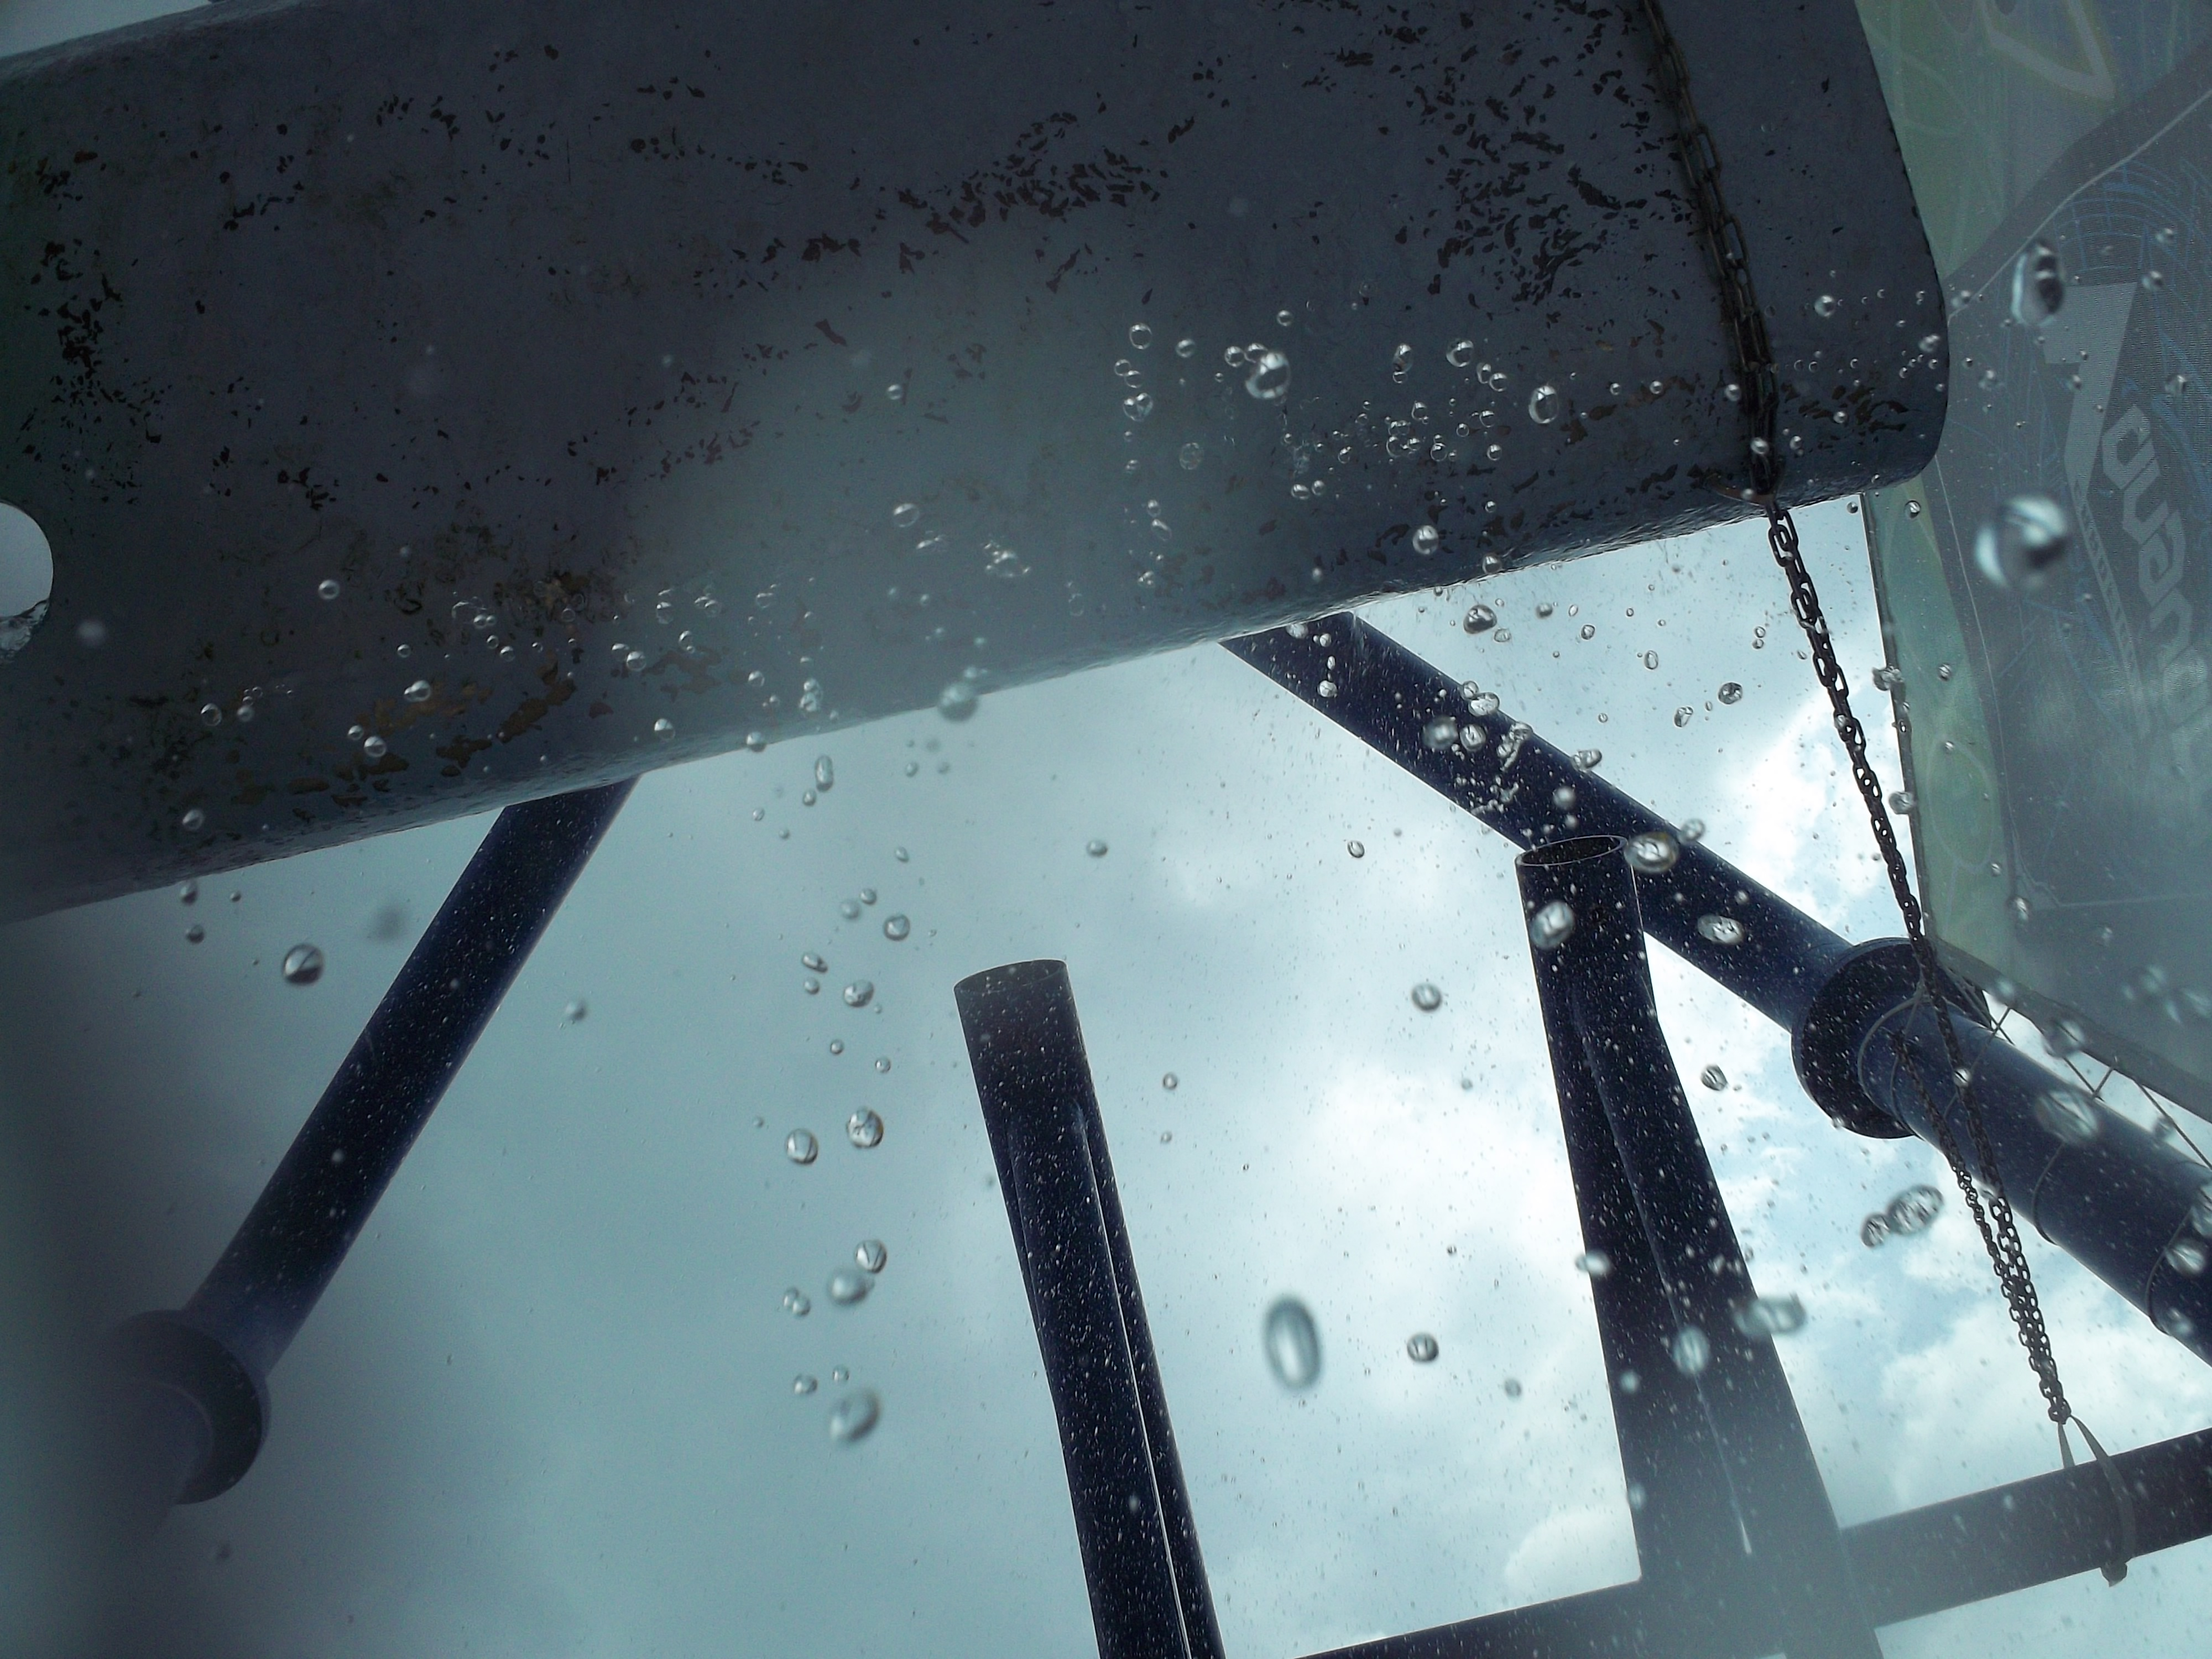 <b>陸上で水中モードで撮影してみました。頭の上にシャワーを降らせる遊具の色が変化してトイカメラで撮ったようになりました。水中モード:ON / EASYSHARE SPORT C123 / 約2.3MB / 4,000×3,000 / 1/1,401秒 / F4.5 / -0.6EV / ISO80/ プログラムAE / WB:オート / 6.3mm</b>